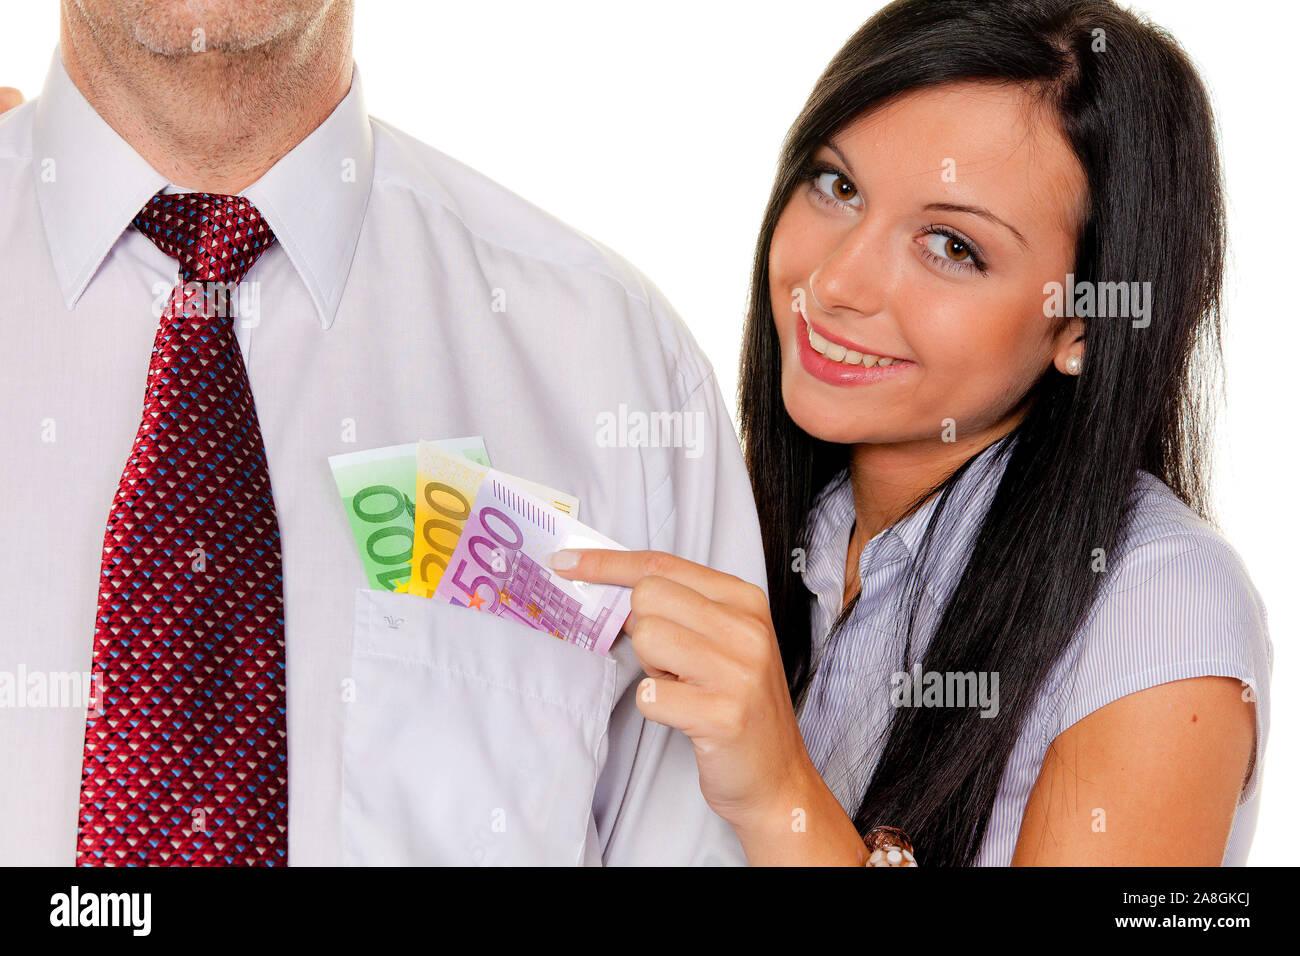 Frau Junge, 25, 30 Jahre, Euro Geldscheine zieht einem Mann aus der Tasche, señor:Sí, Foto de stock